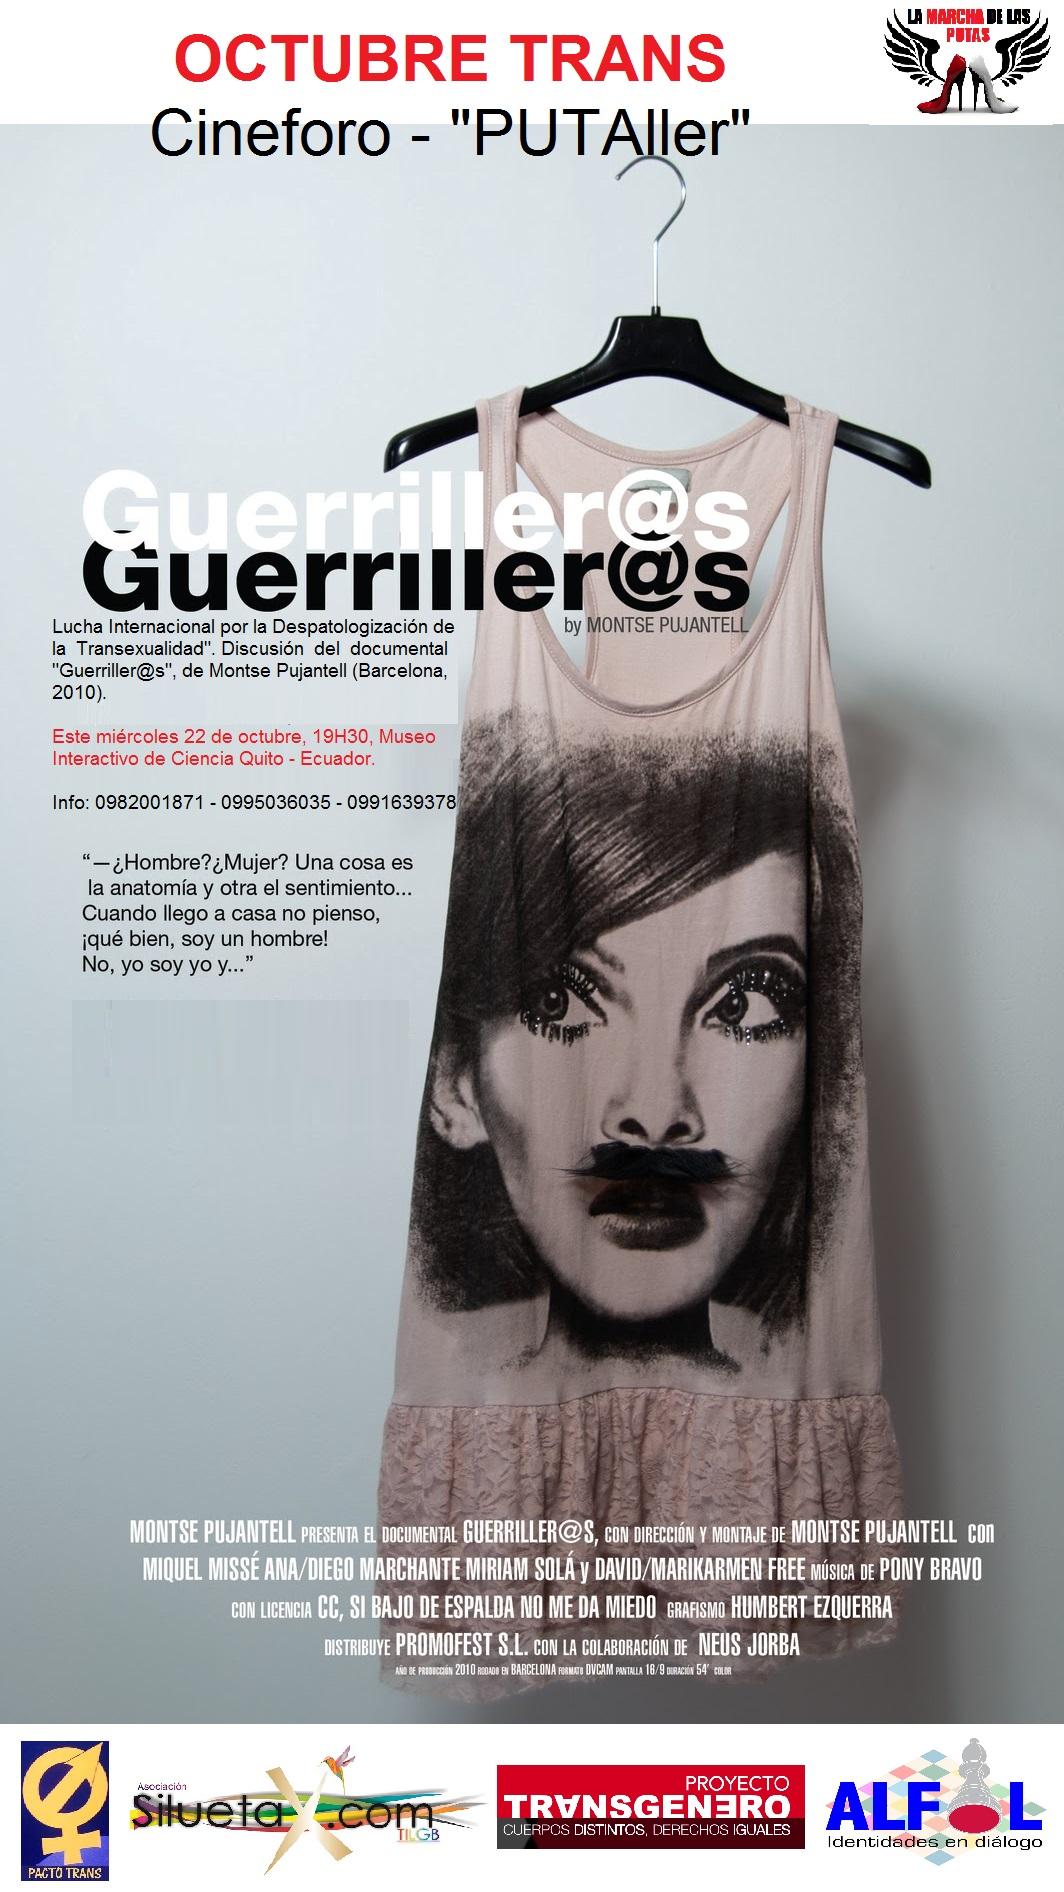 Quito – Cine foro PUTAller del Octubre Trans | Comunidad Futura